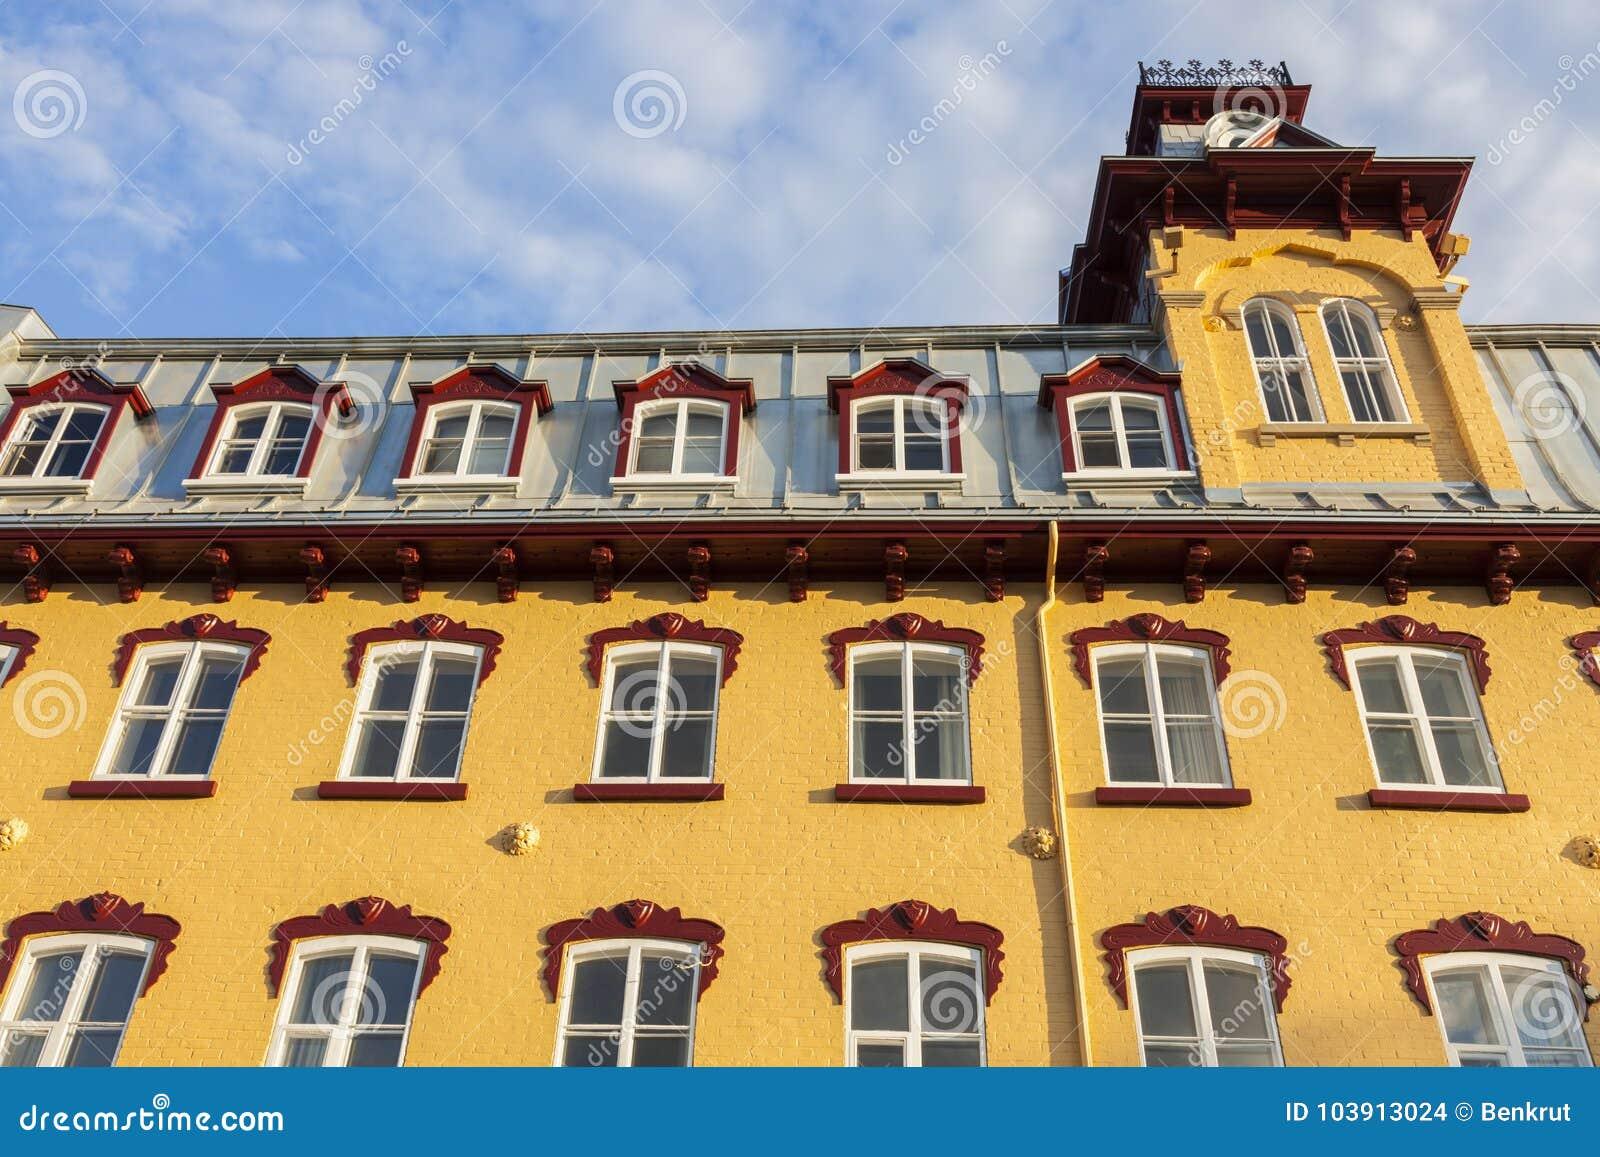 Ζωηρόχρωμη αρχιτεκτονική της πόλης του Κεμπέκ